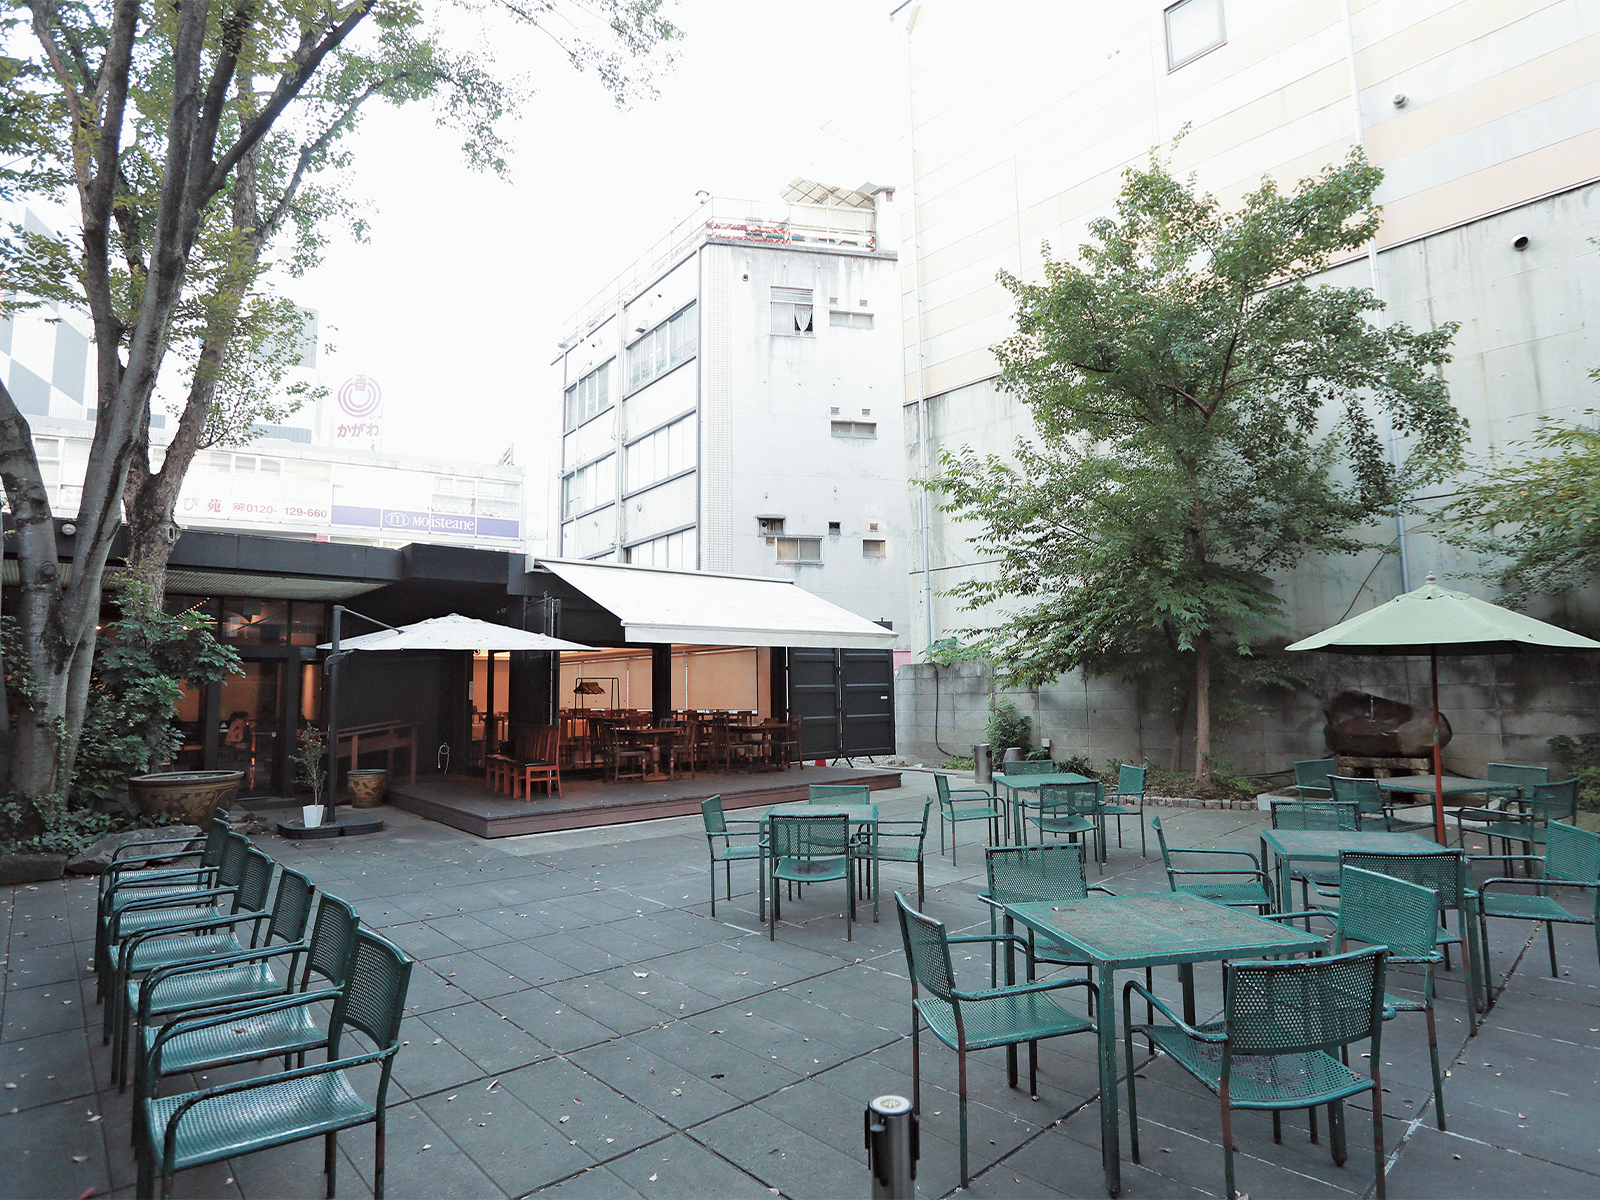 中庭のある『紅蘭亭』。矢橋さんが尊敬する建築家・葉祥栄さん設計。